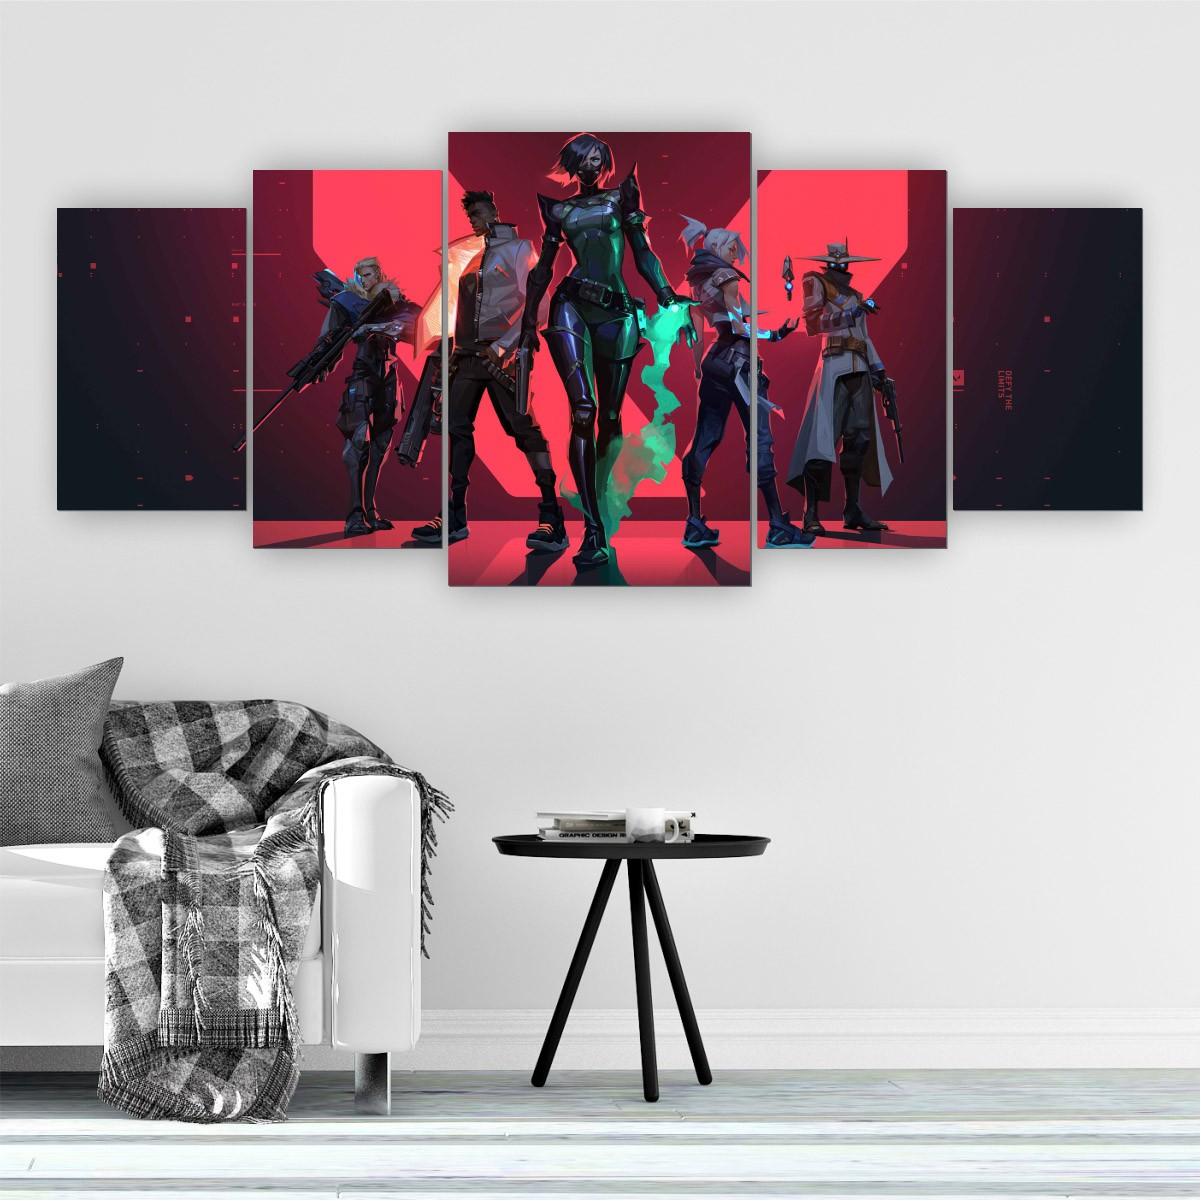 Quadros Decorativos Mosaico Quarto Jogo Valorant 5 peças - 144x60cm